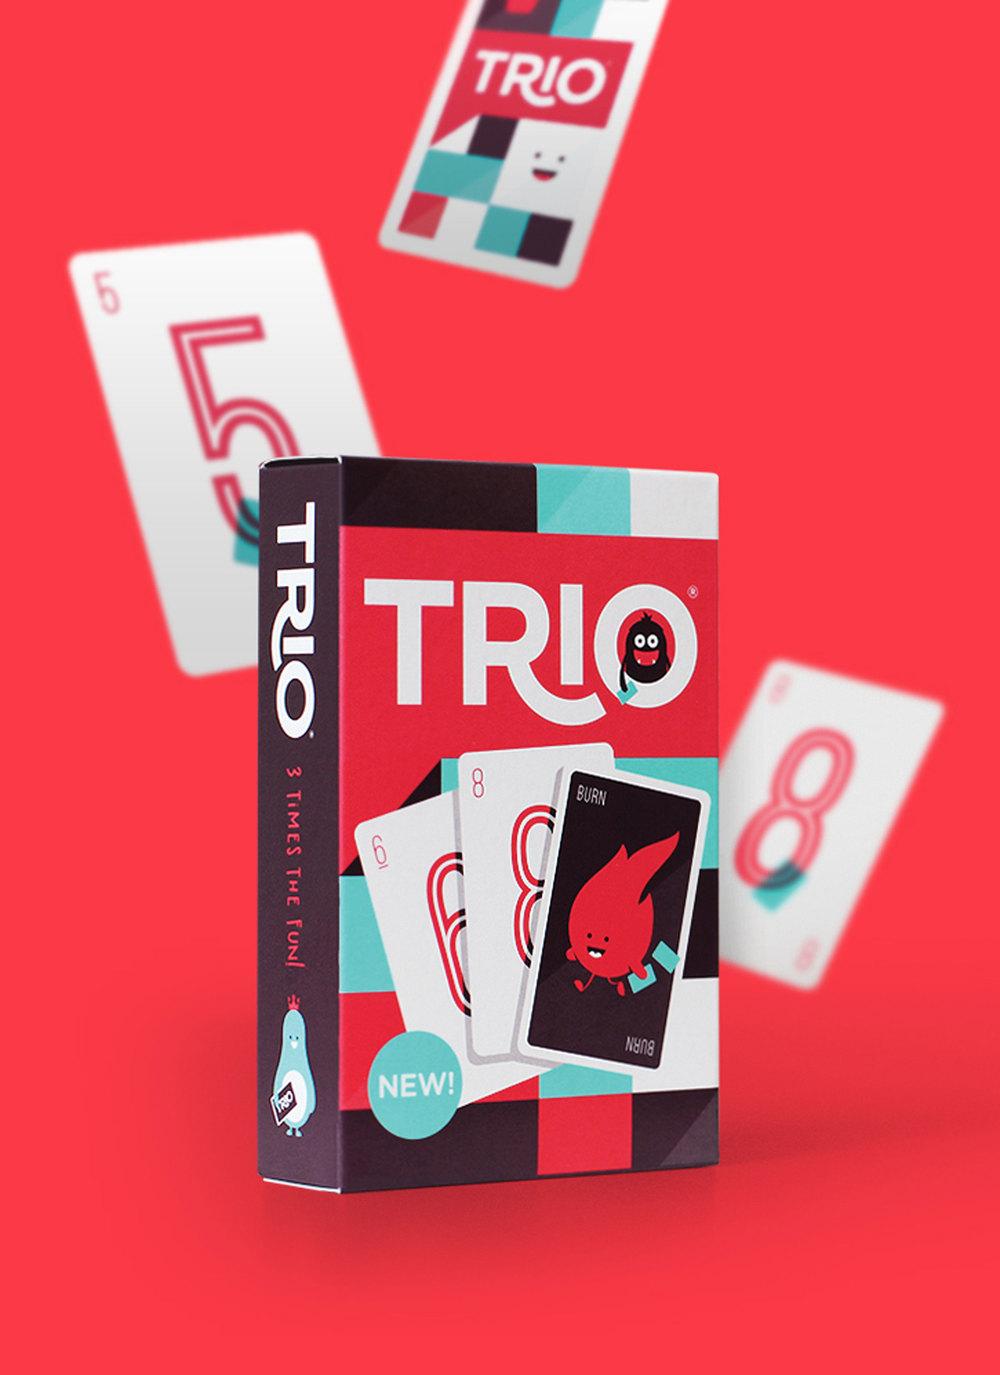 02-04-14-TrioCard-02.jpg